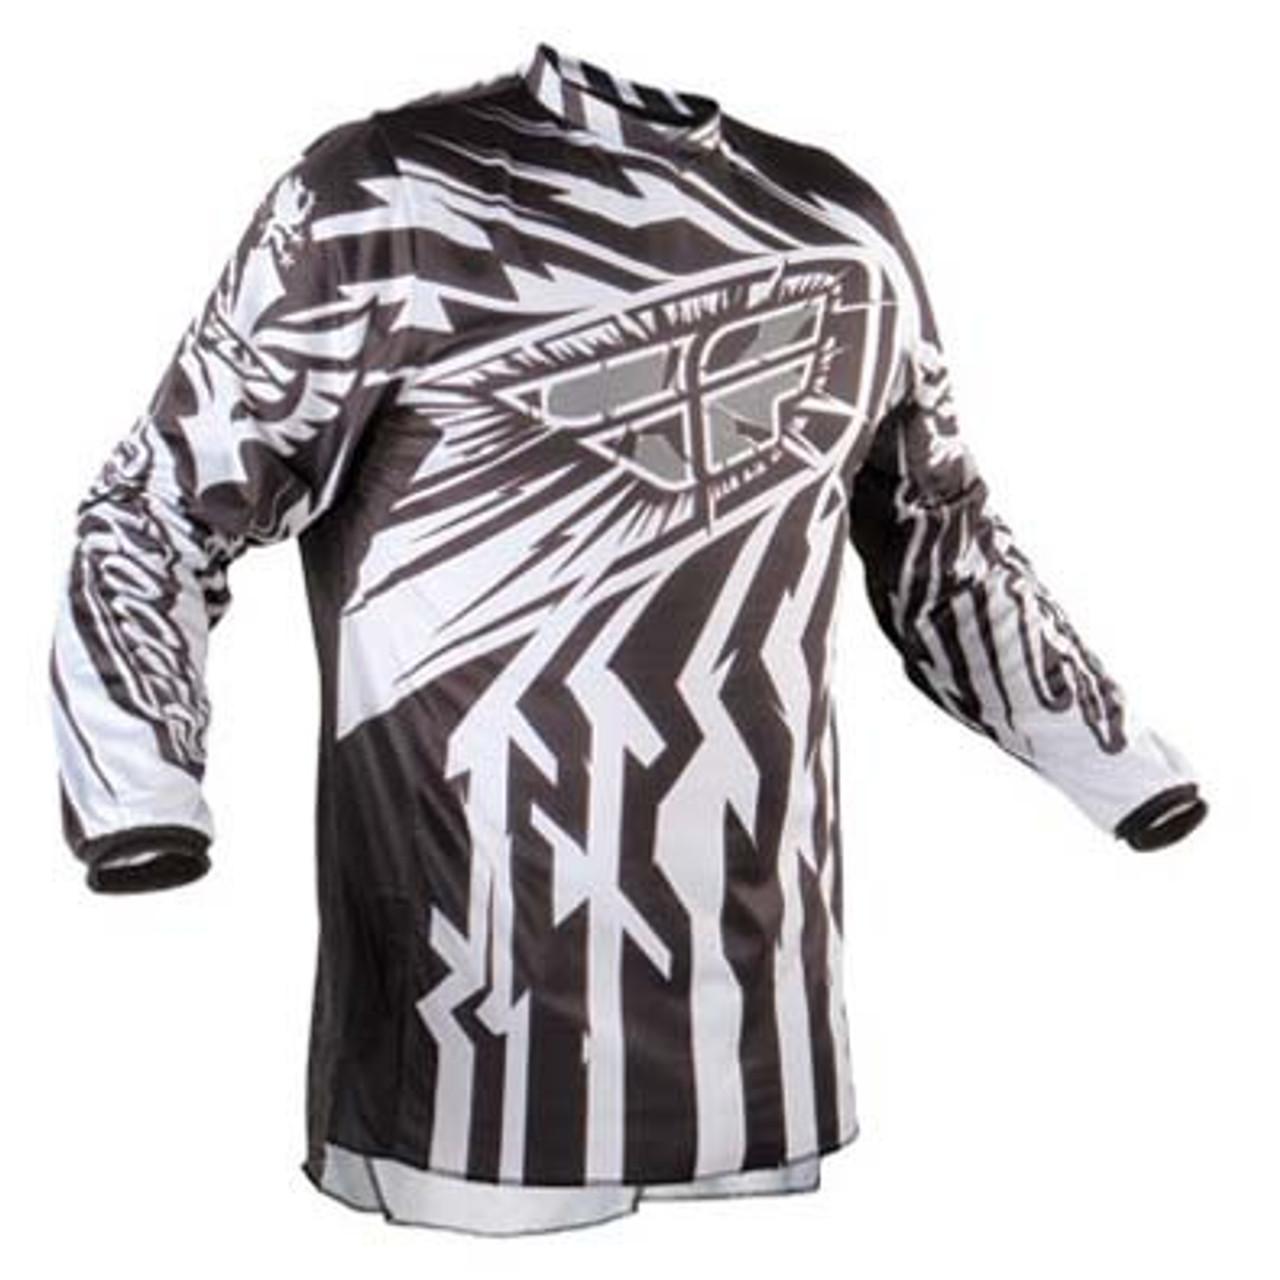 BMX Race Jersey